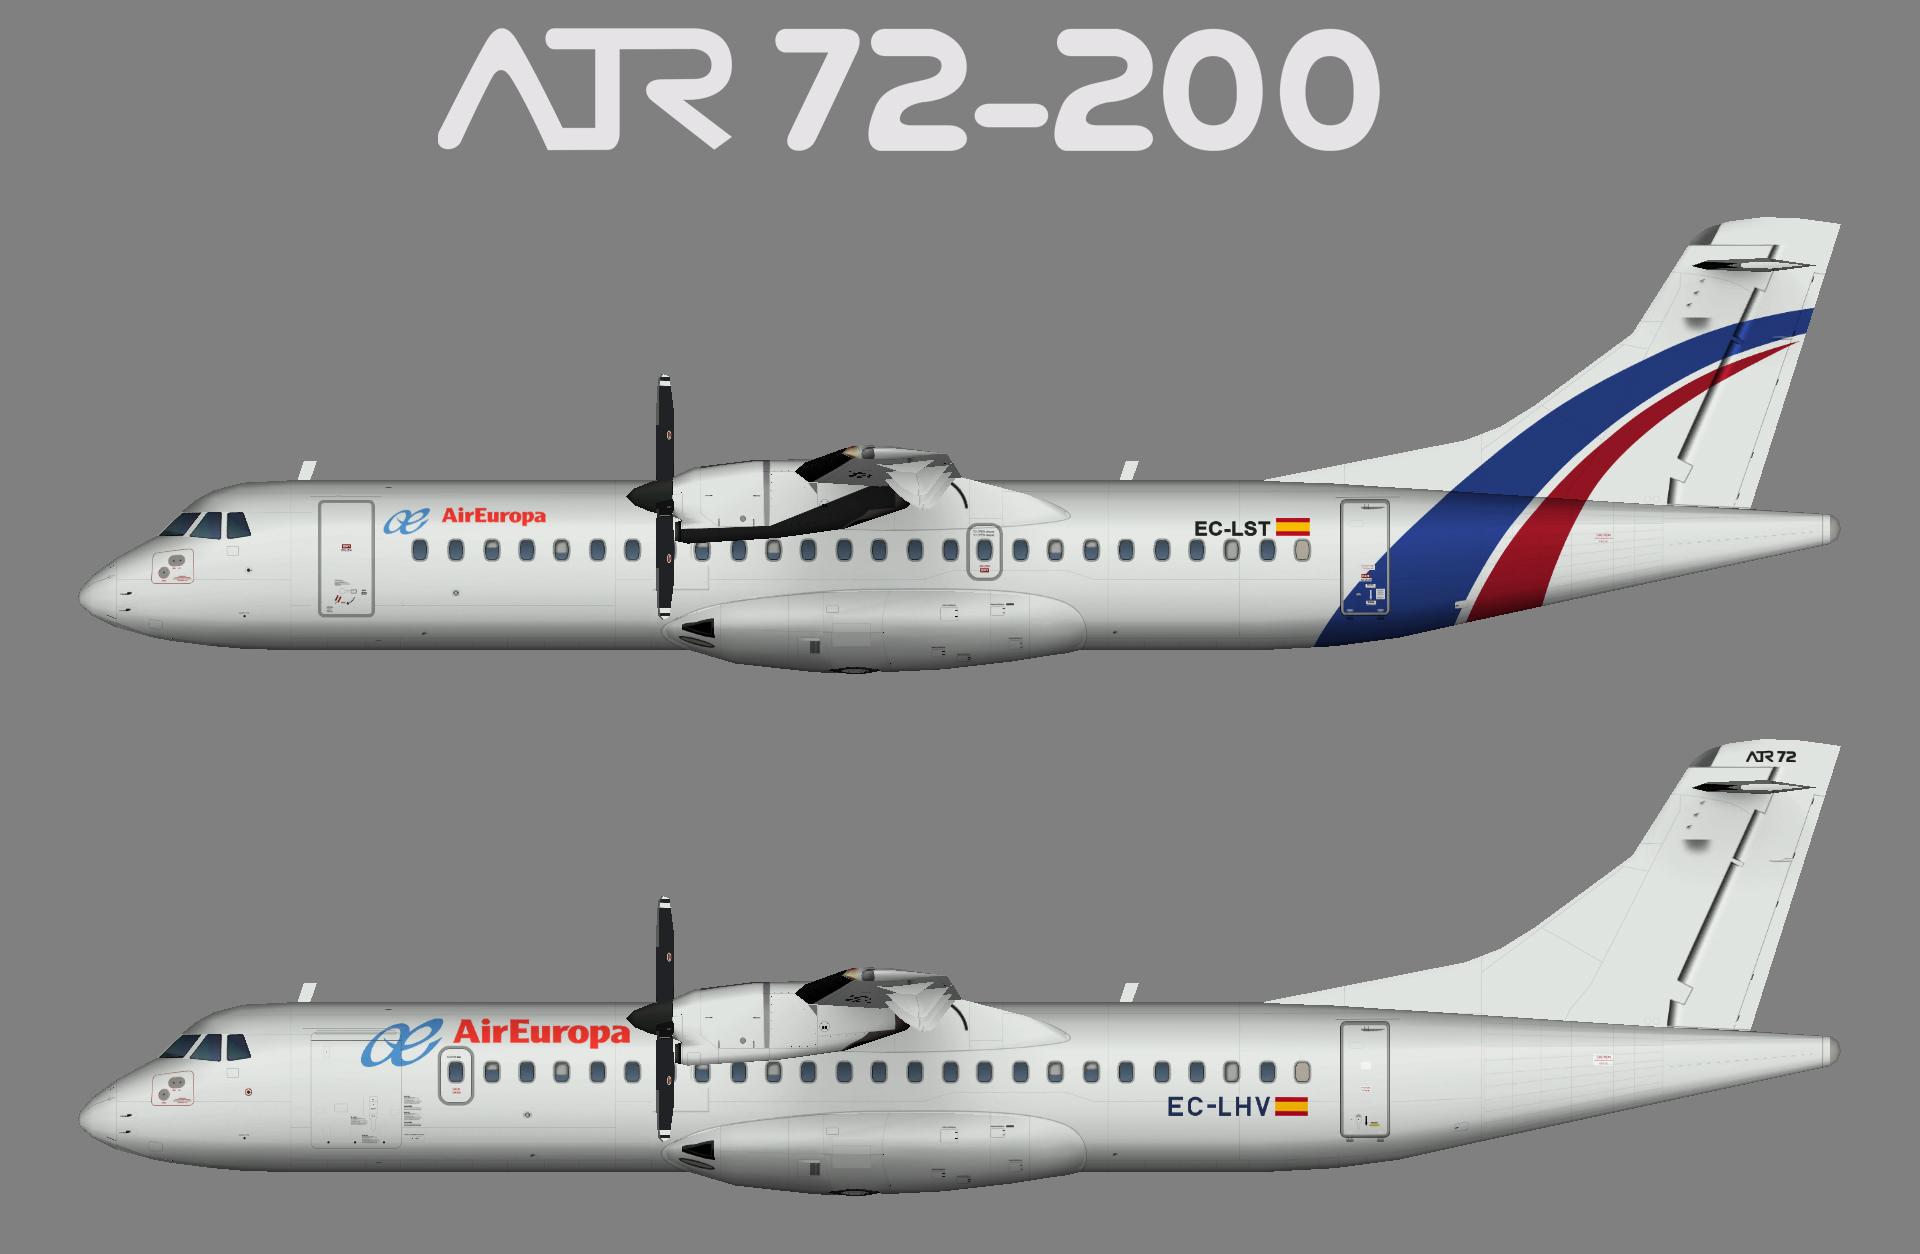 Air Europa ATR72-200